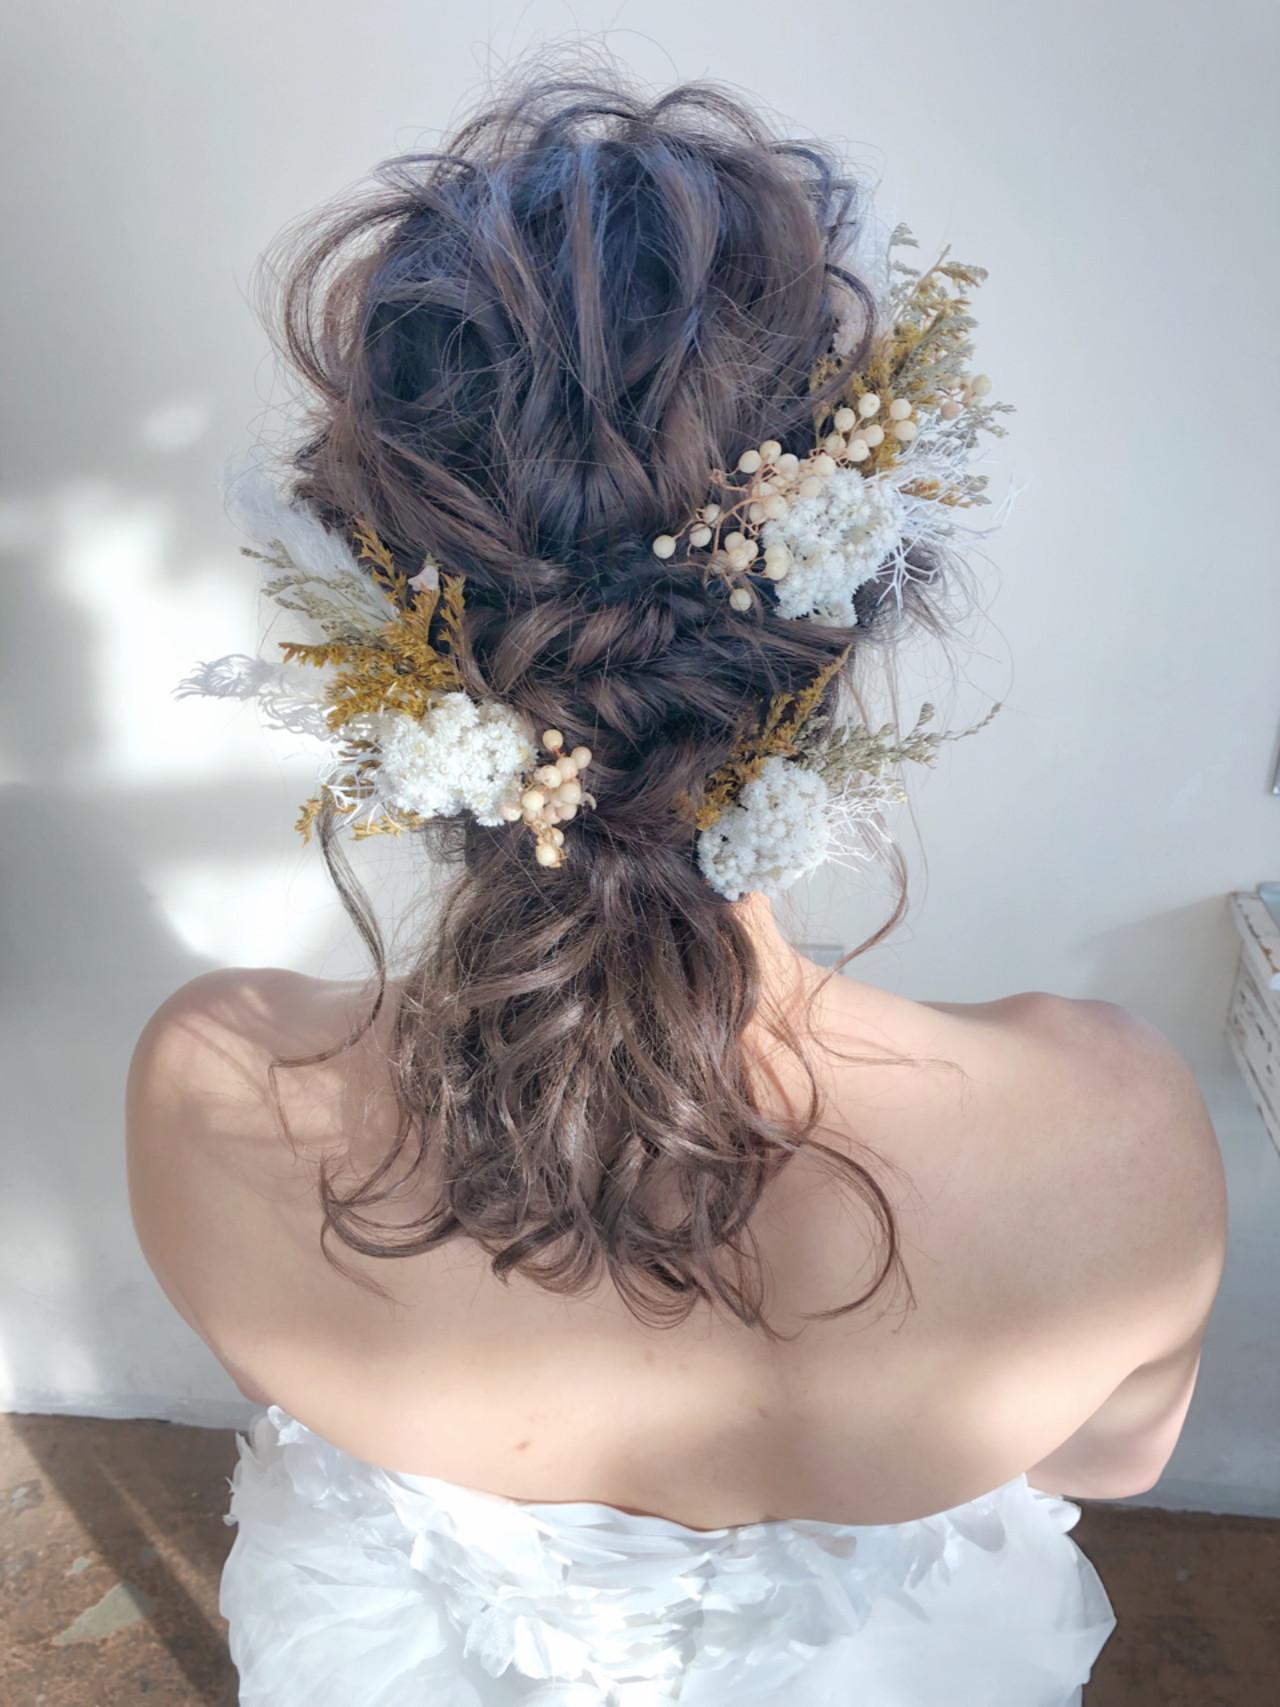 ティアラが似合う華やかなミディアムの素敵な髪型 サワSeamu